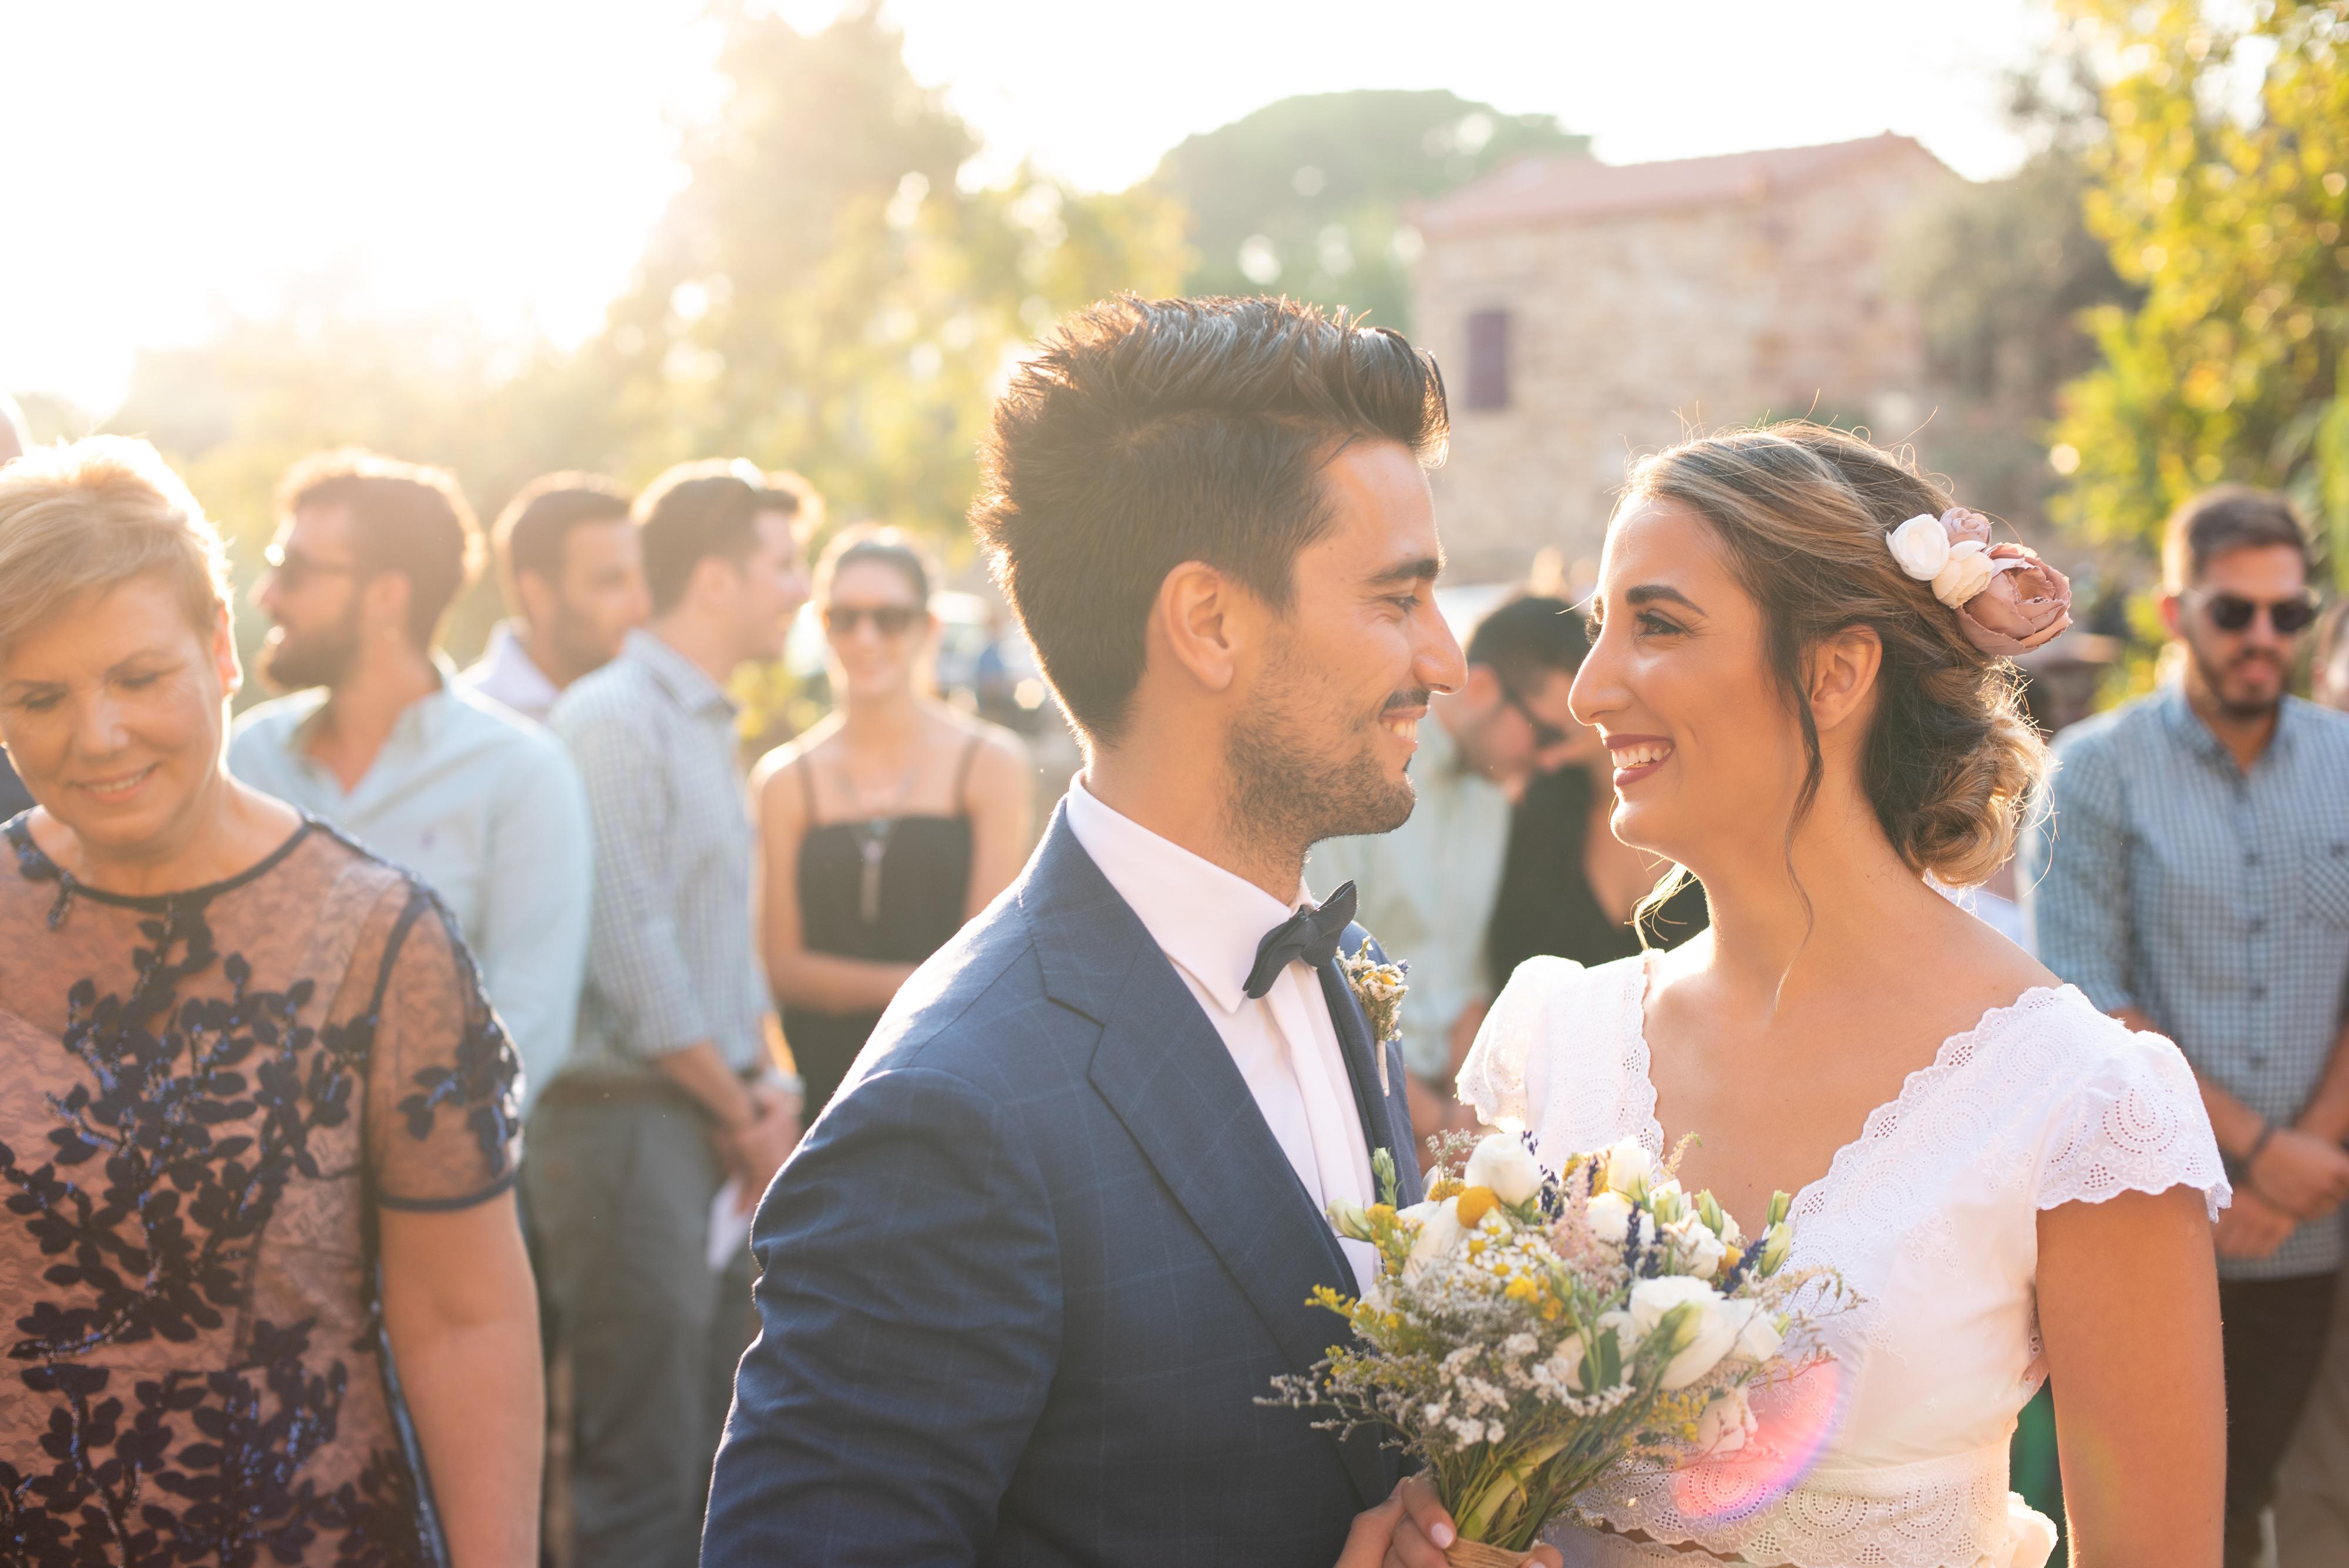 Δεν είναι γάμος χωρίς ραντεβού υποβρυχίου Λέιντεν dating